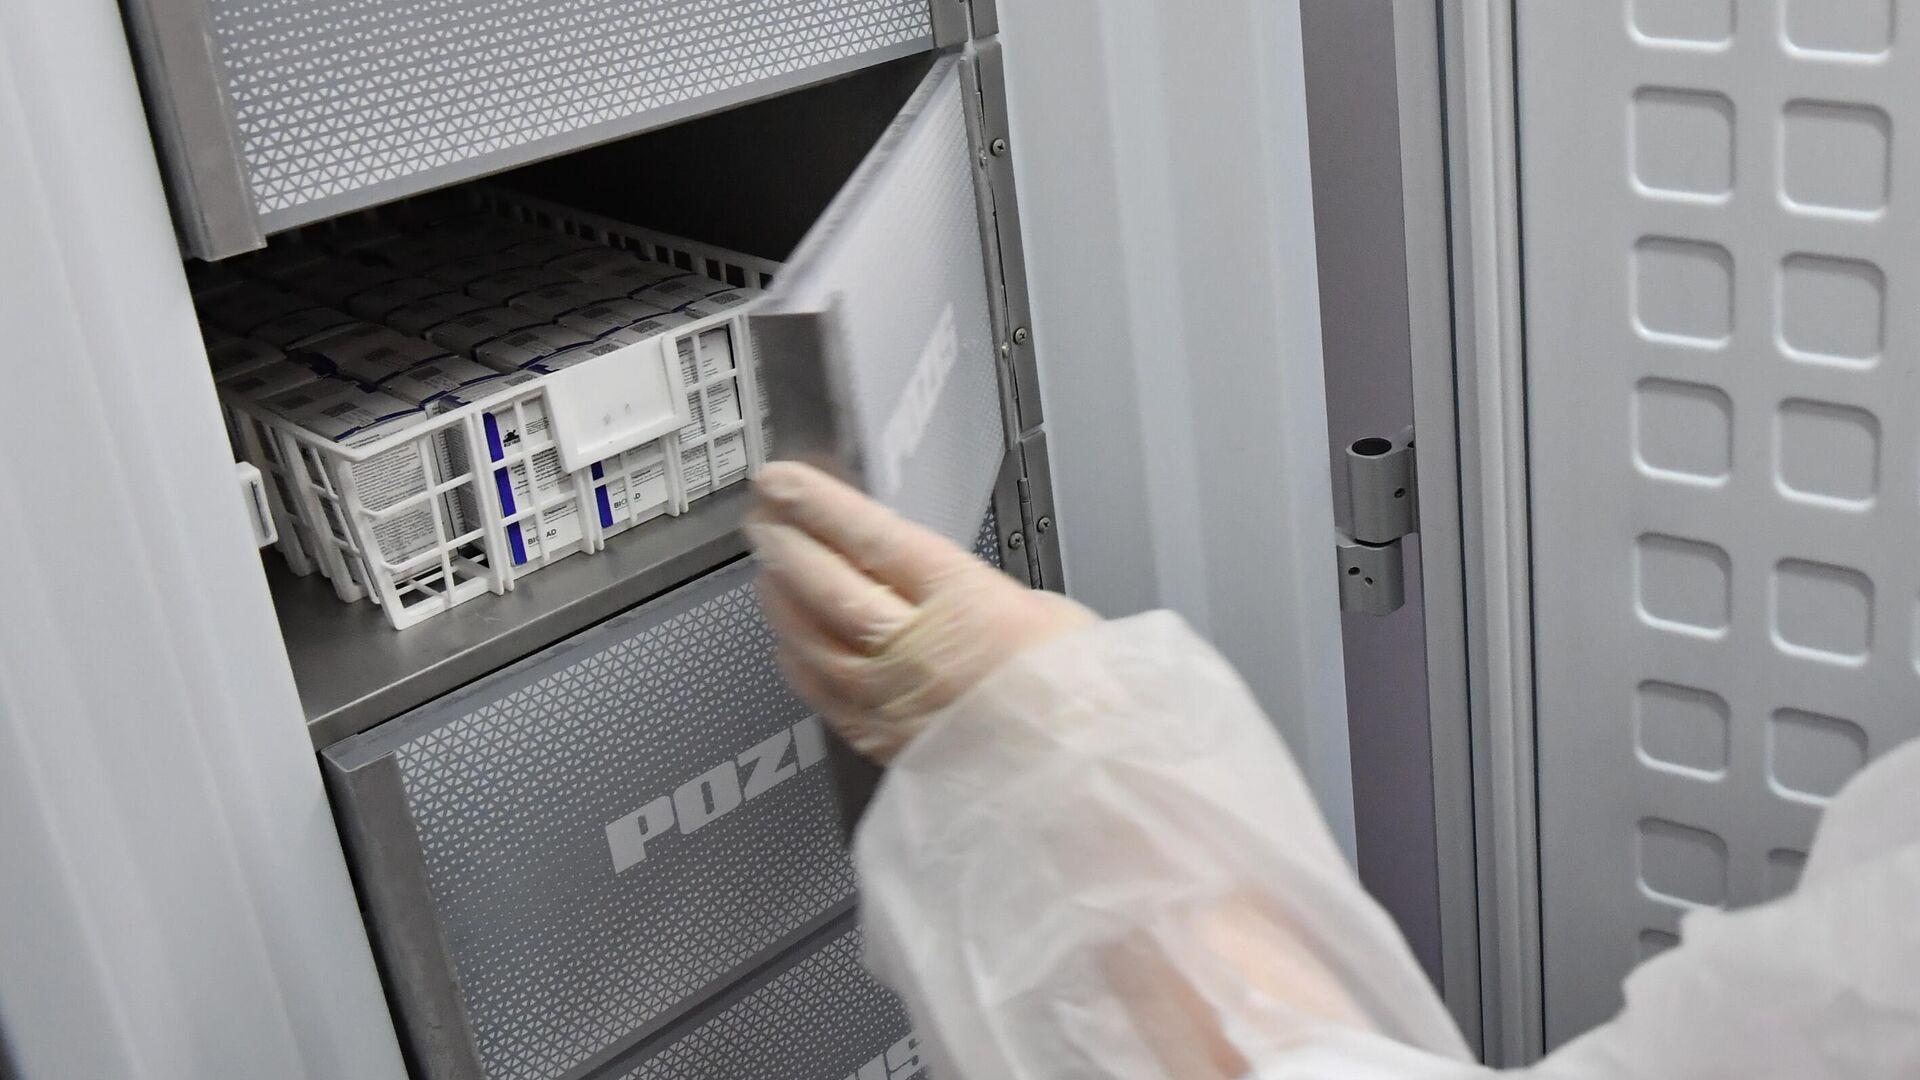 Медработник достает из холодильника вакцину Спутник V от коронавируса COVID-19  - РИА Новости, 1920, 14.01.2021